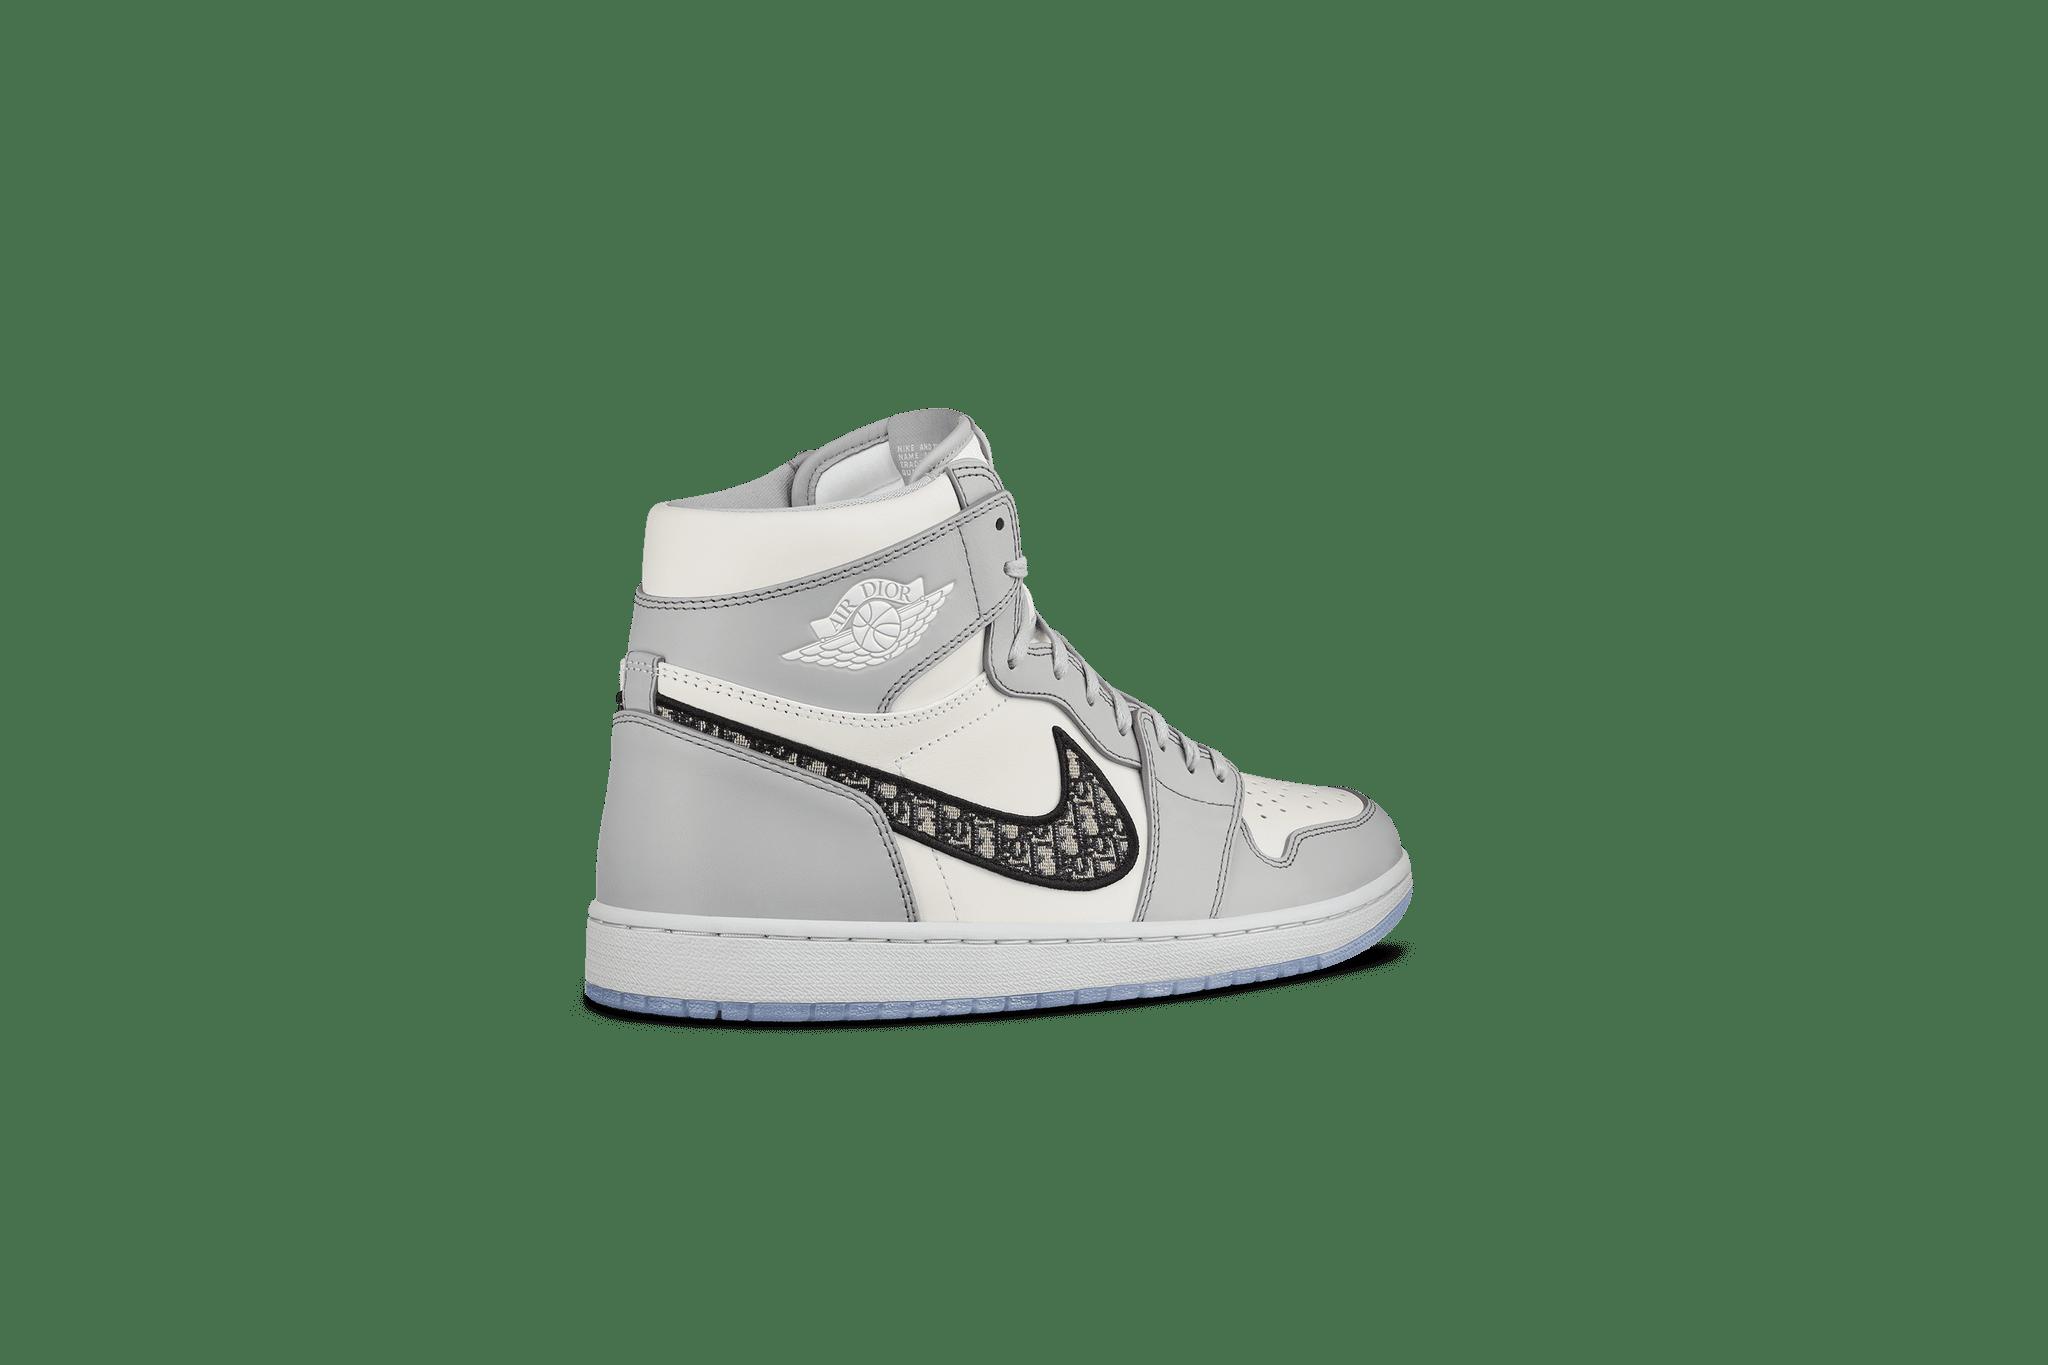 Dior x Air Jordan 1 Sneakers   POPSUGAR Fashion